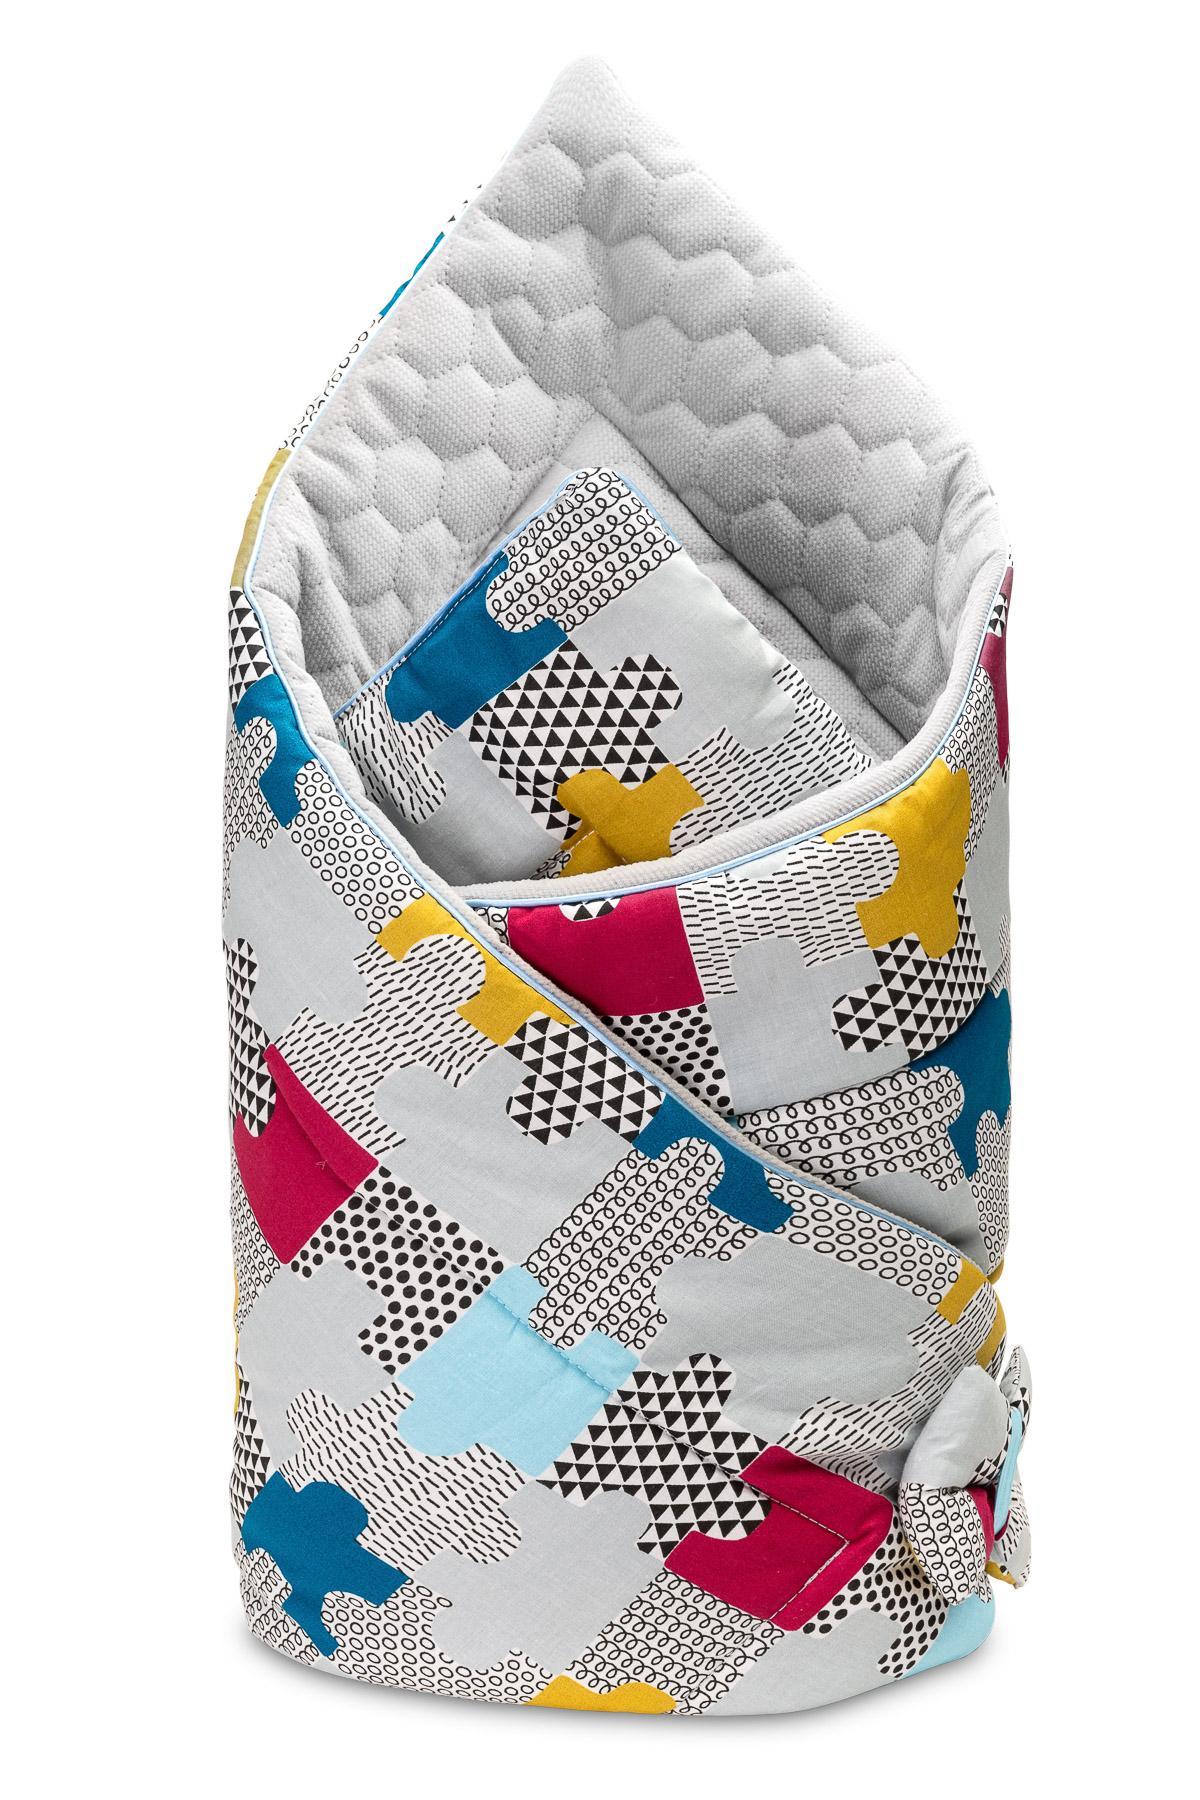 Velvet Baby Nest Cone Wrap – puzzle grey